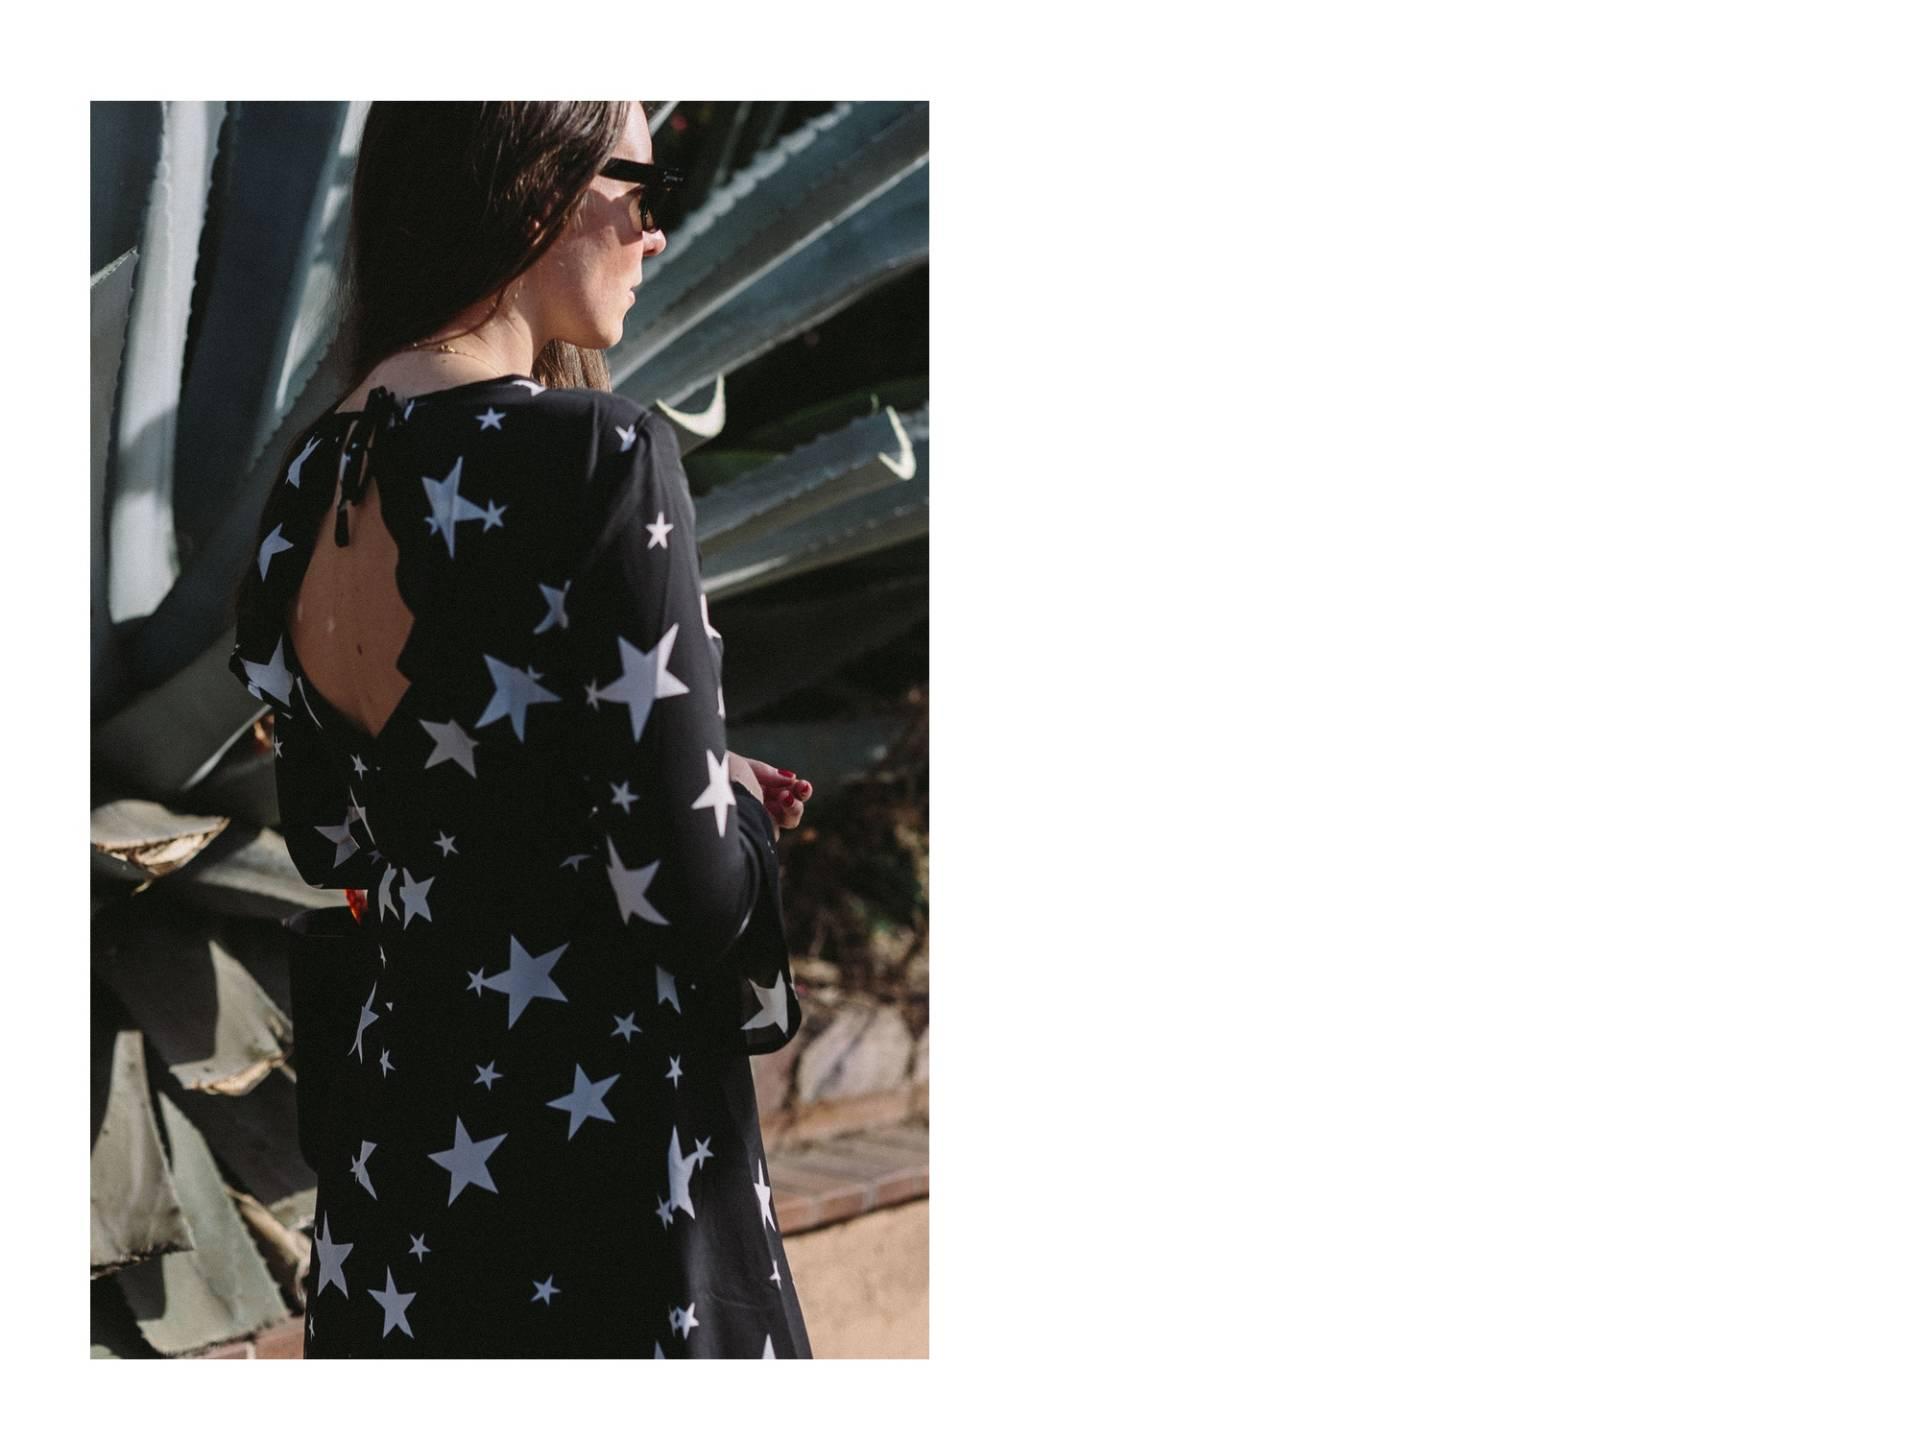 ari_edited_stars10